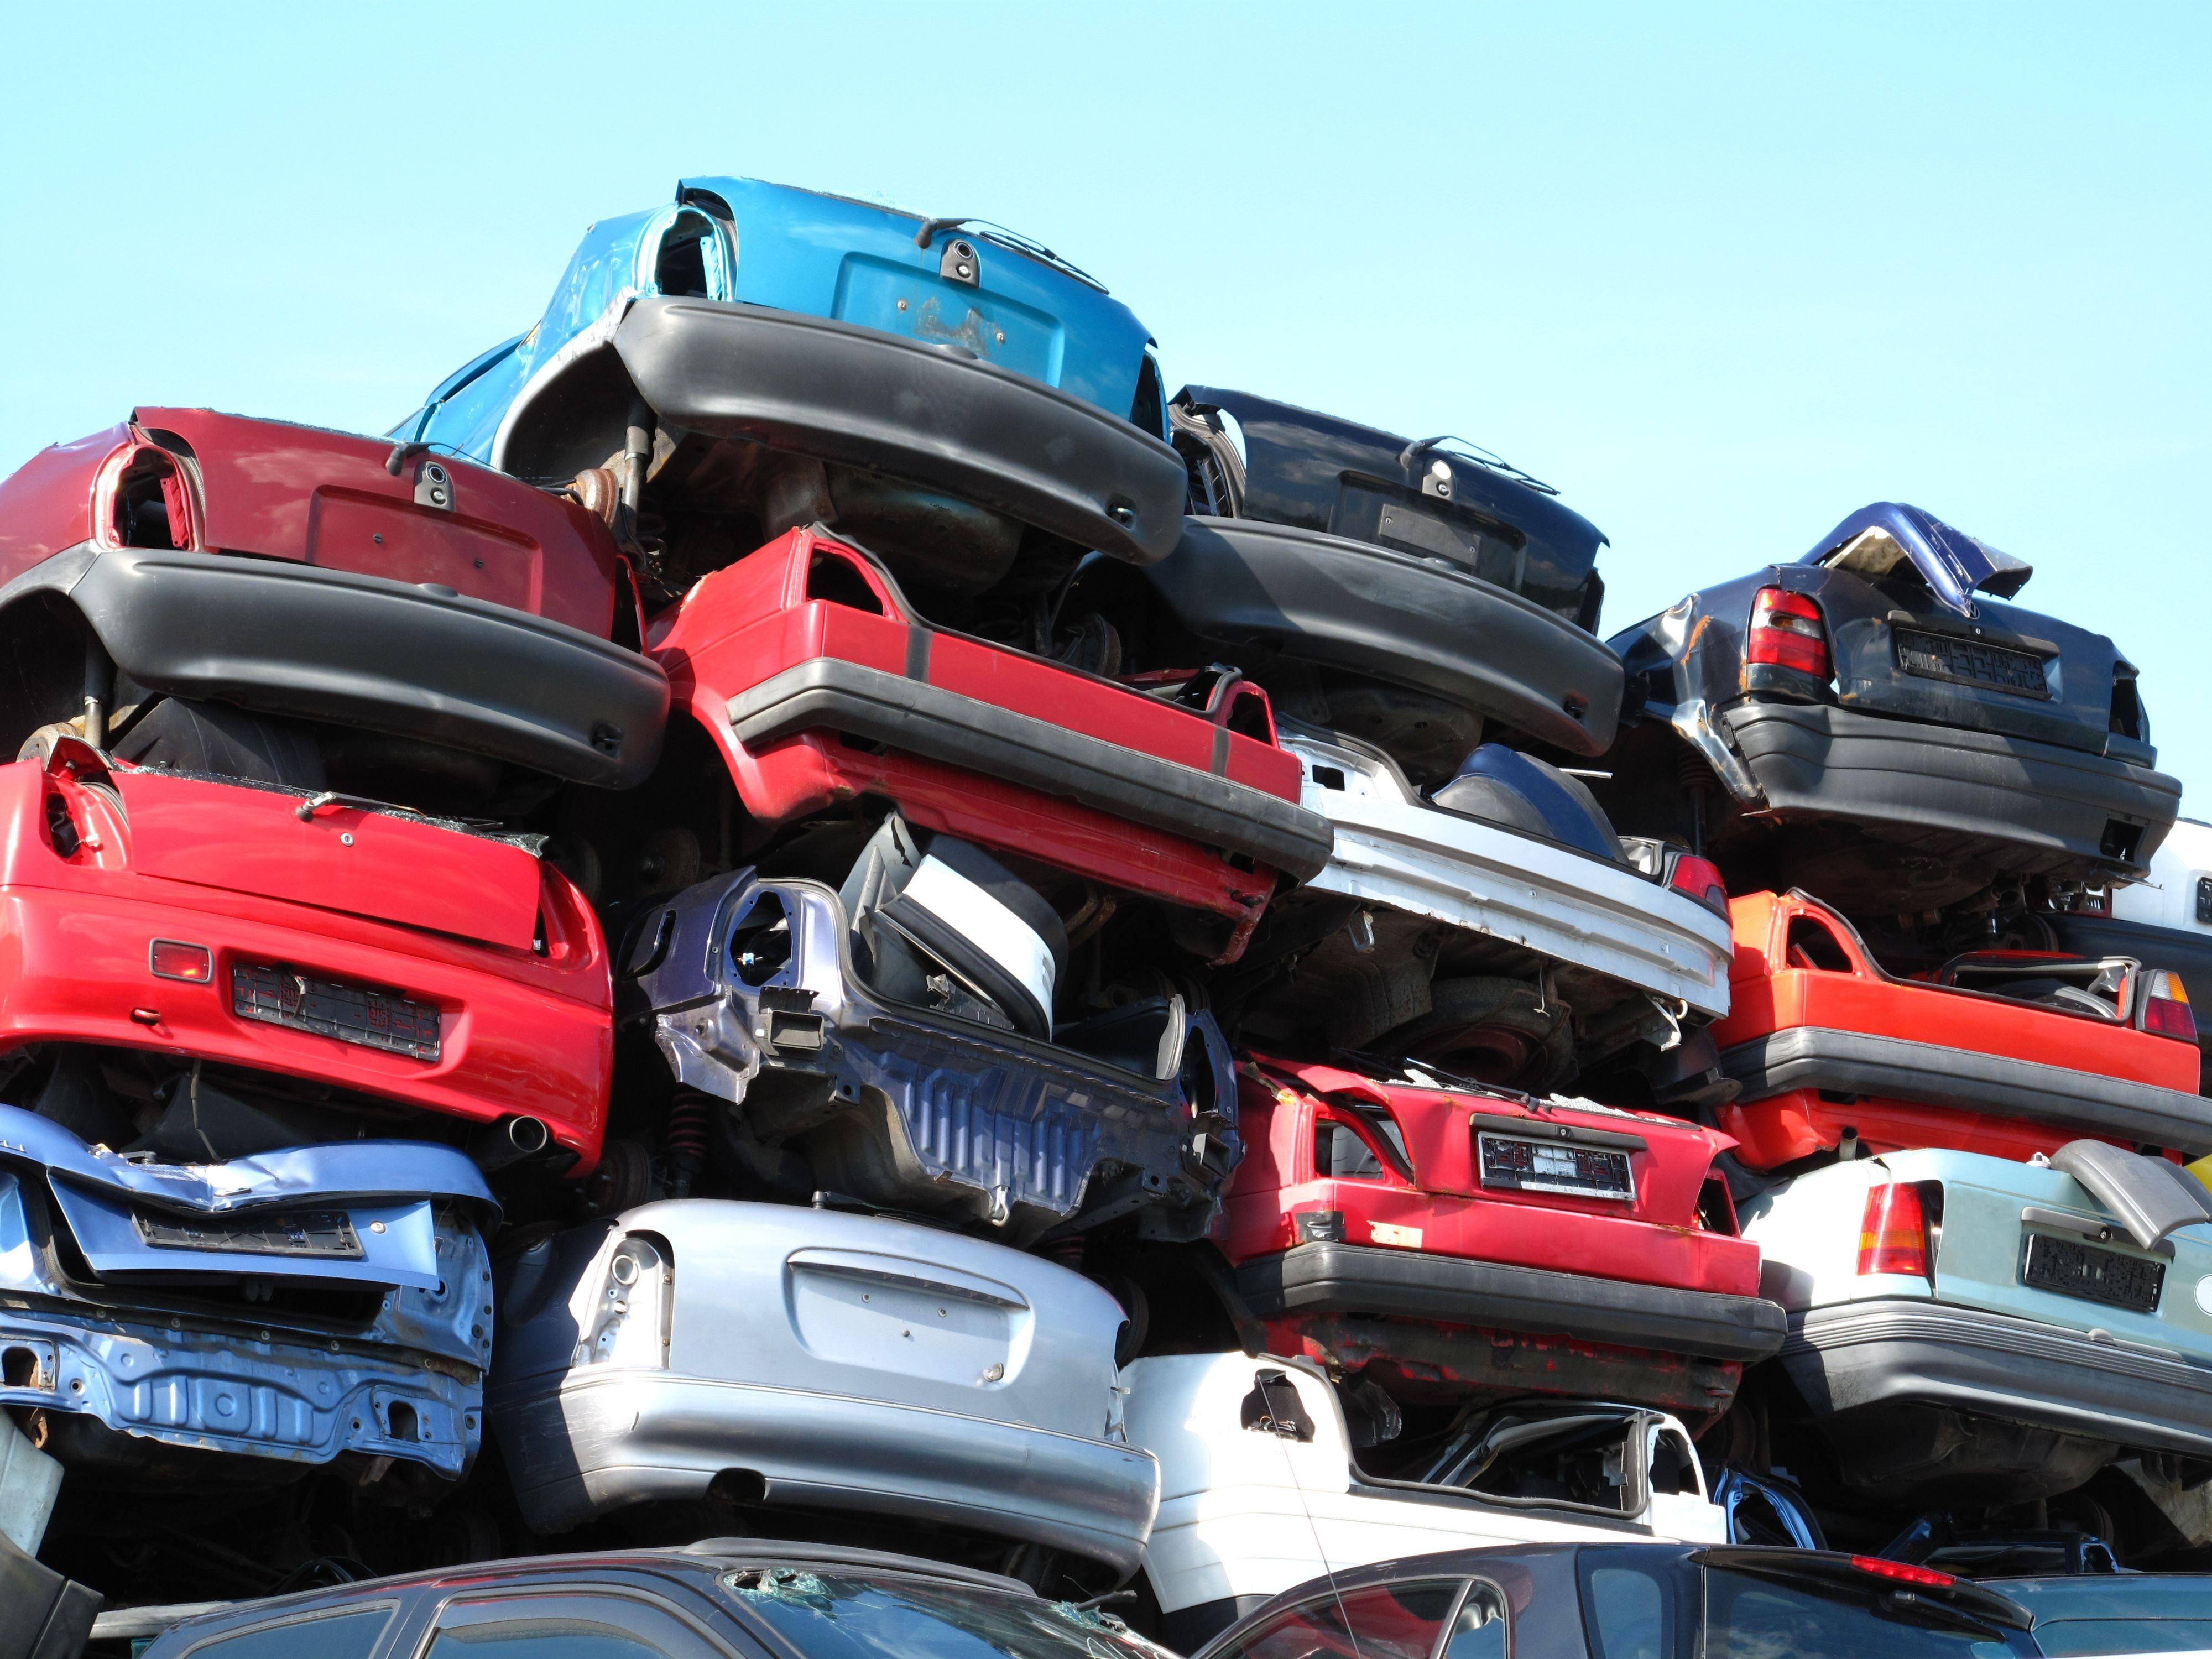 Desguace de vehículos en Sant Cugat del Vallès